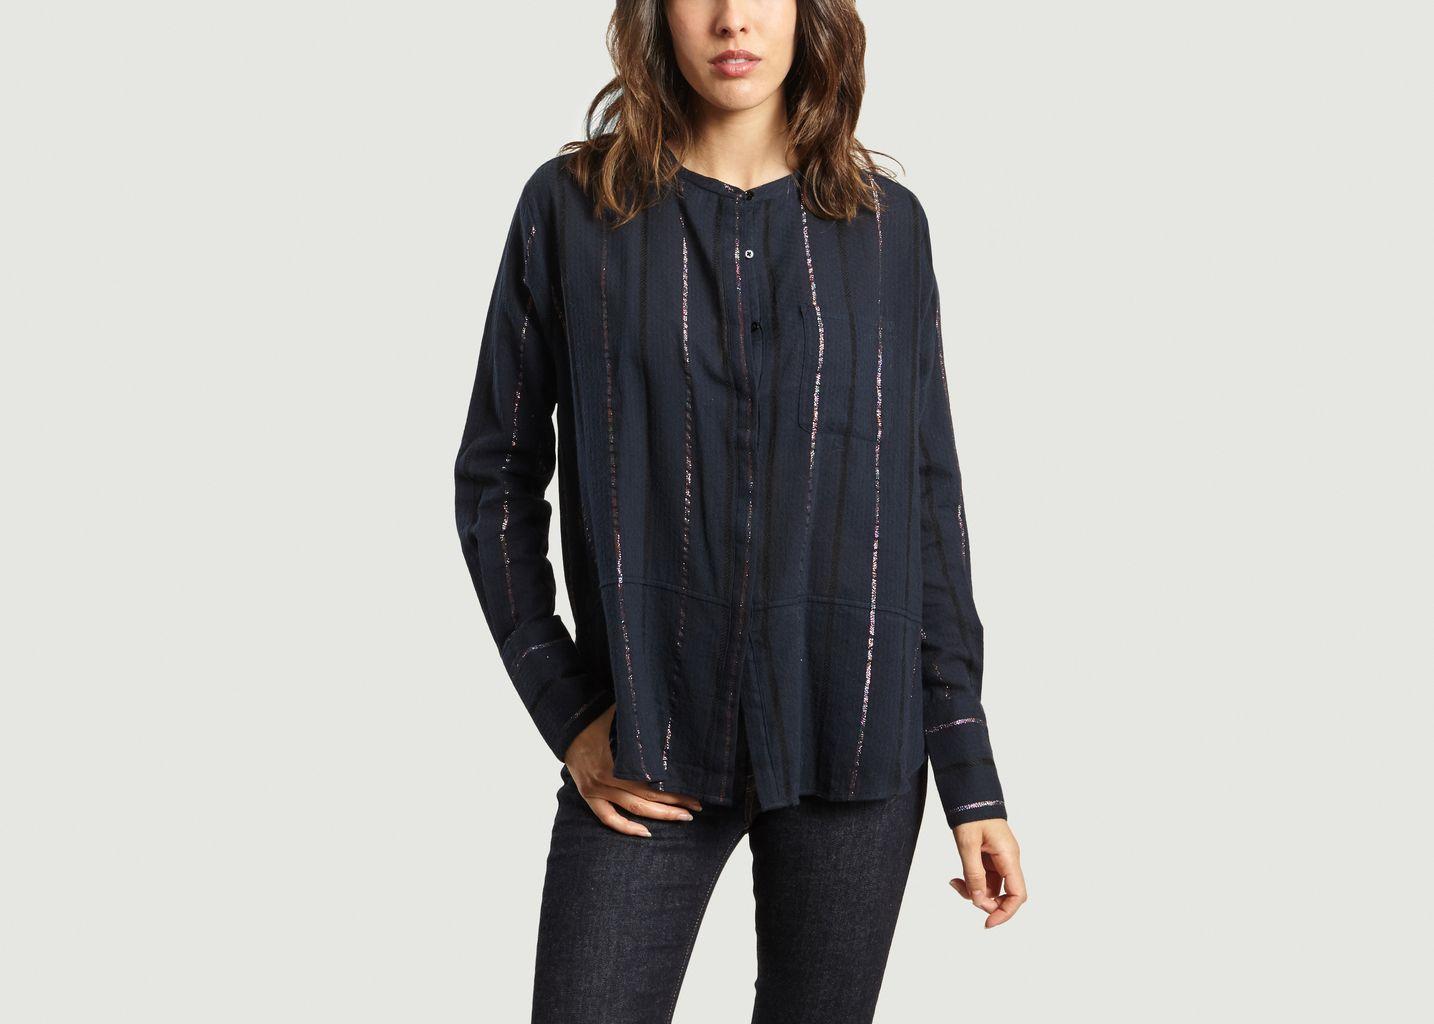 Florida Shirt - Cuisse de Grenouille